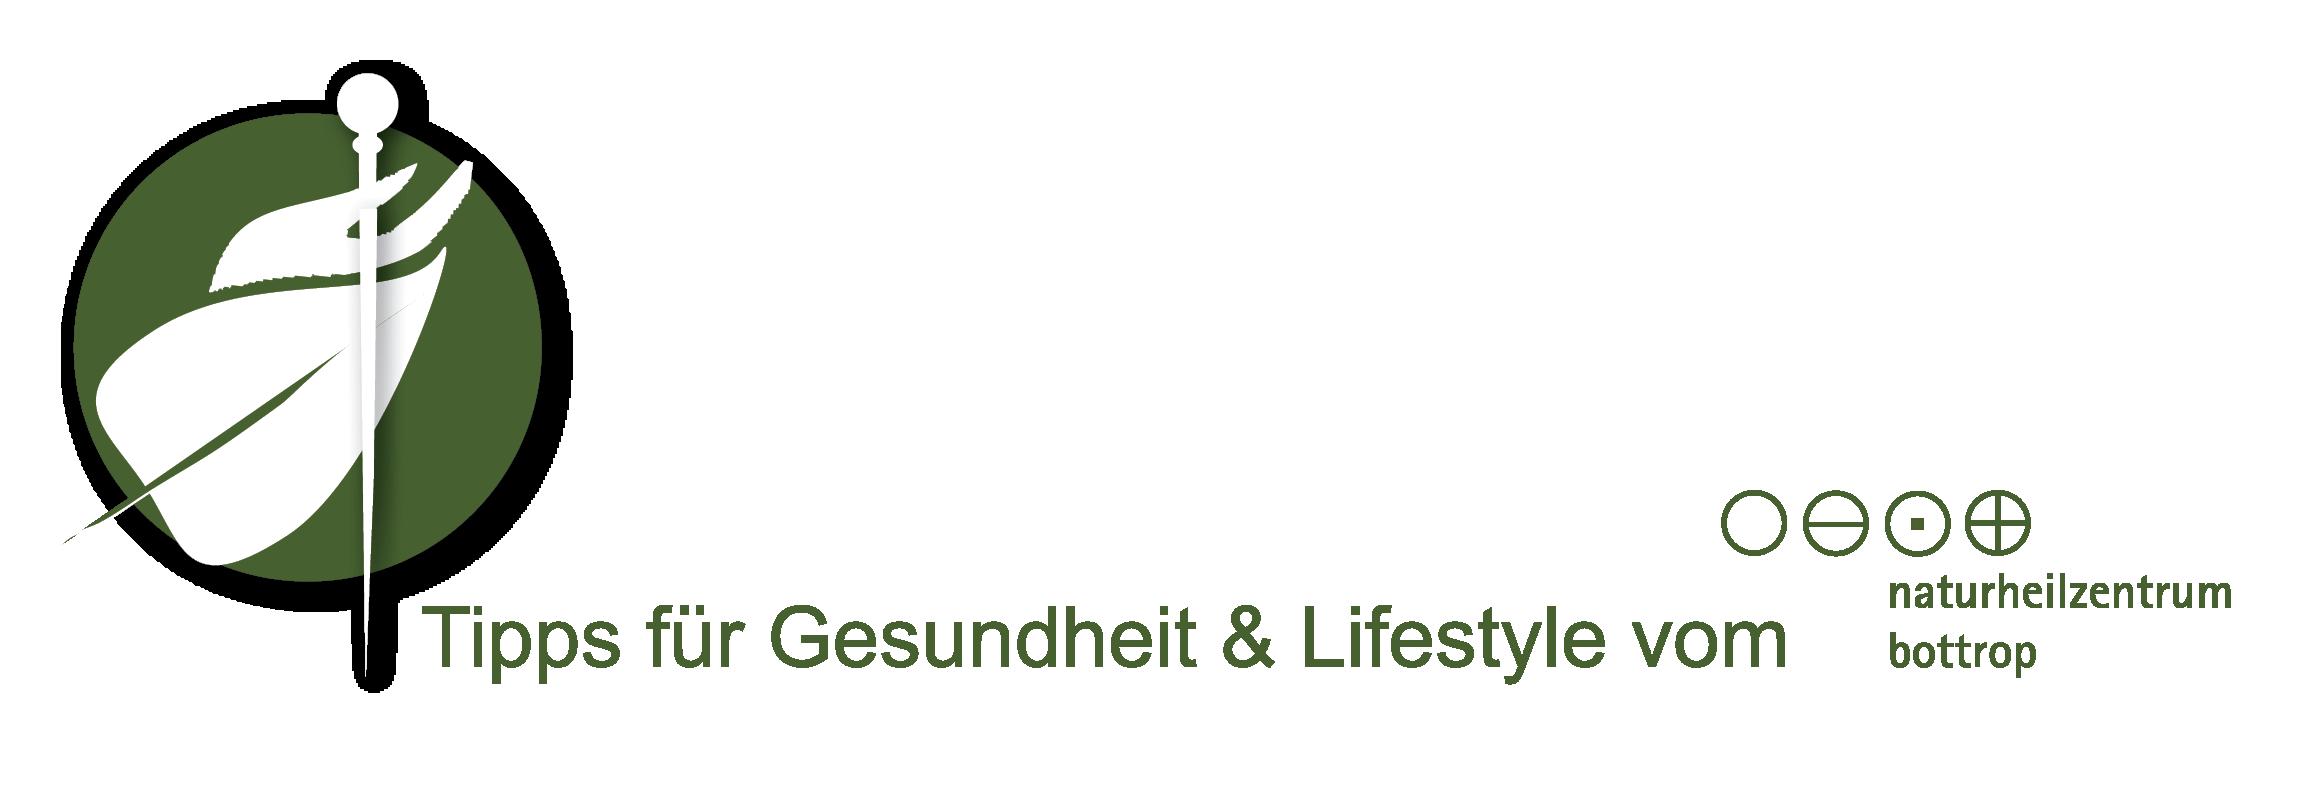 Alternativmedizin-Naturheilkunde.de Logo